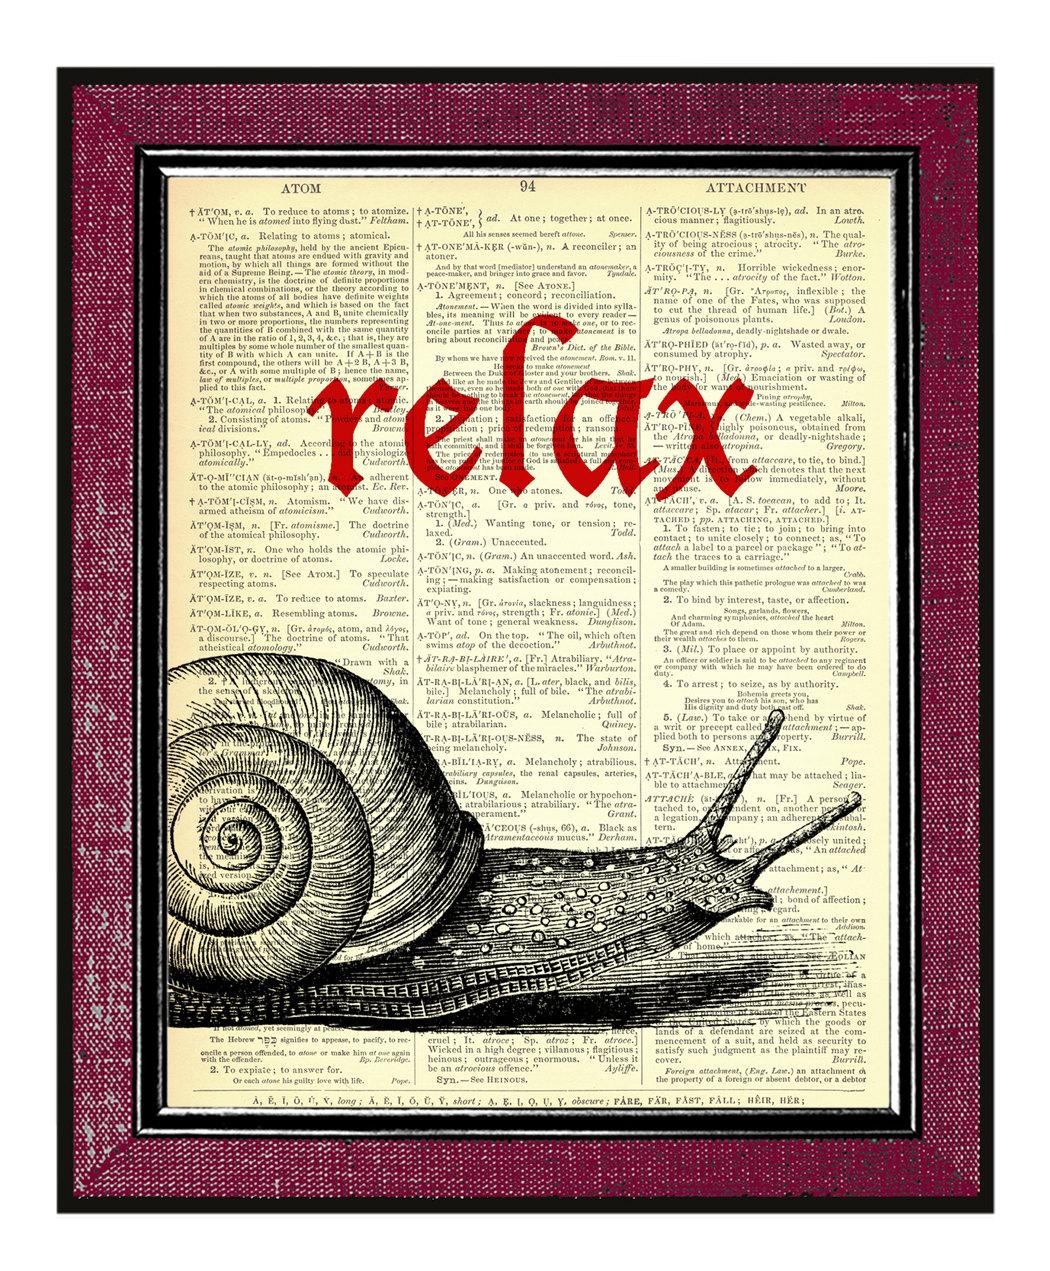 Art Prints On Vintage Book Pages - DogEarPrints